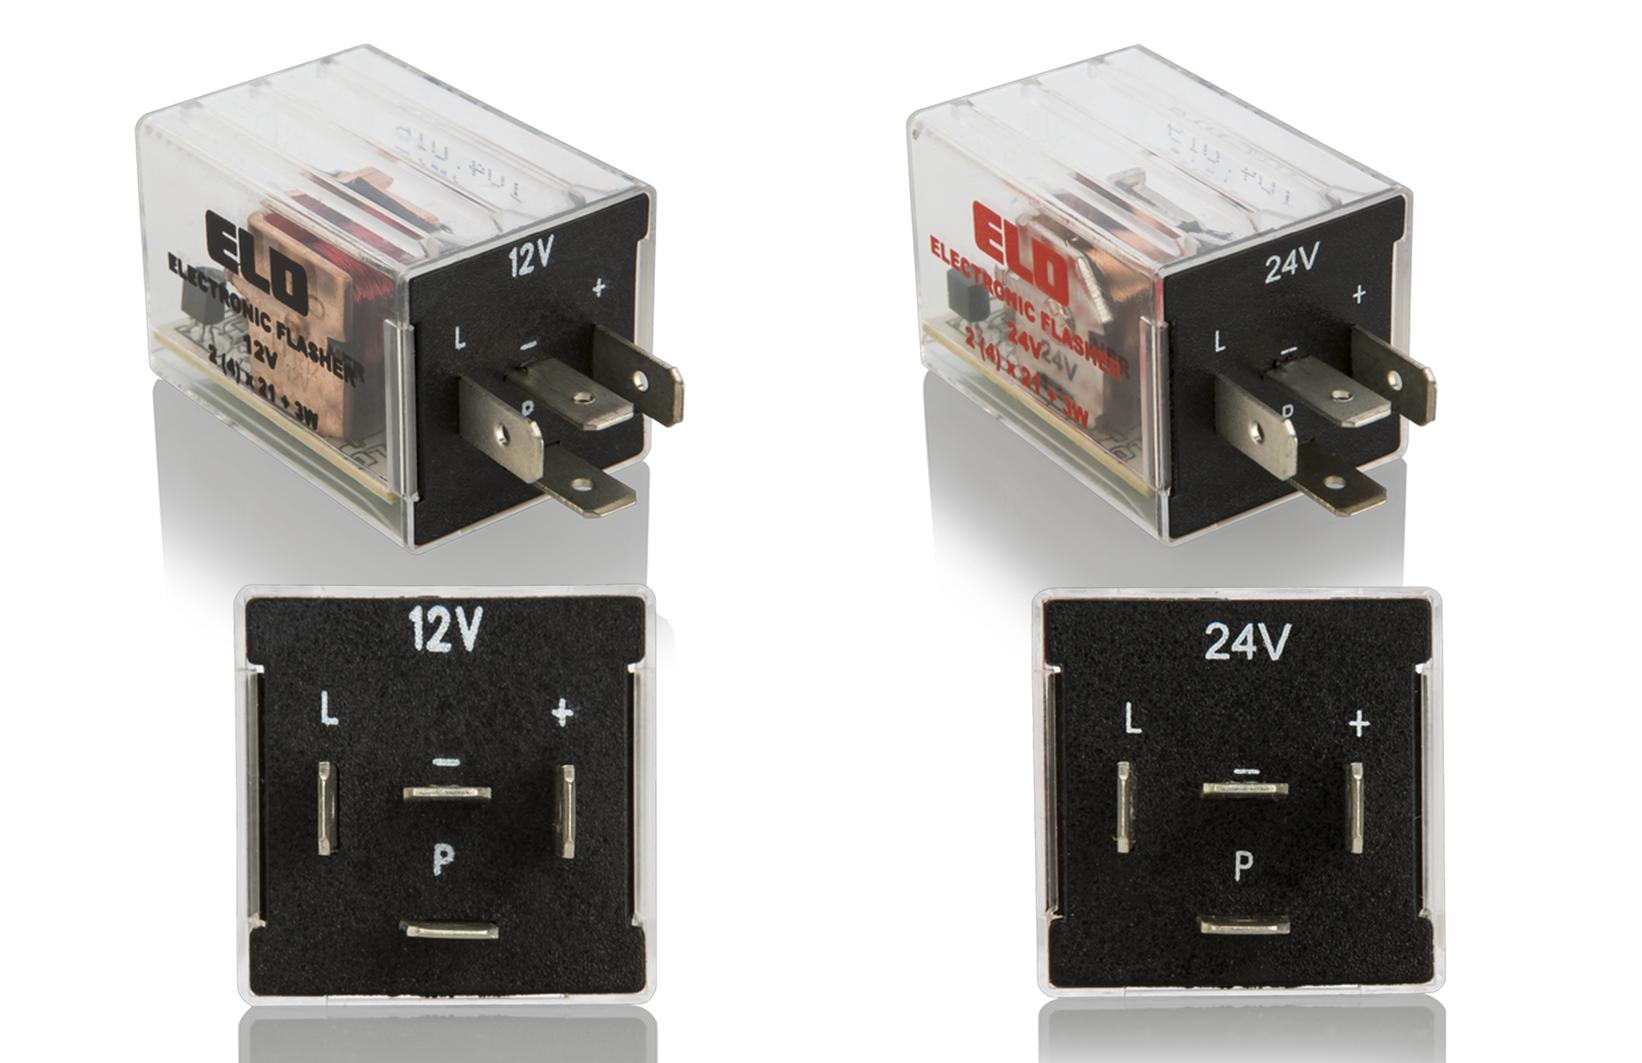 ELEKTRONİK LED FLAŞÖRLER 12V / 24V (+, L, P, -)